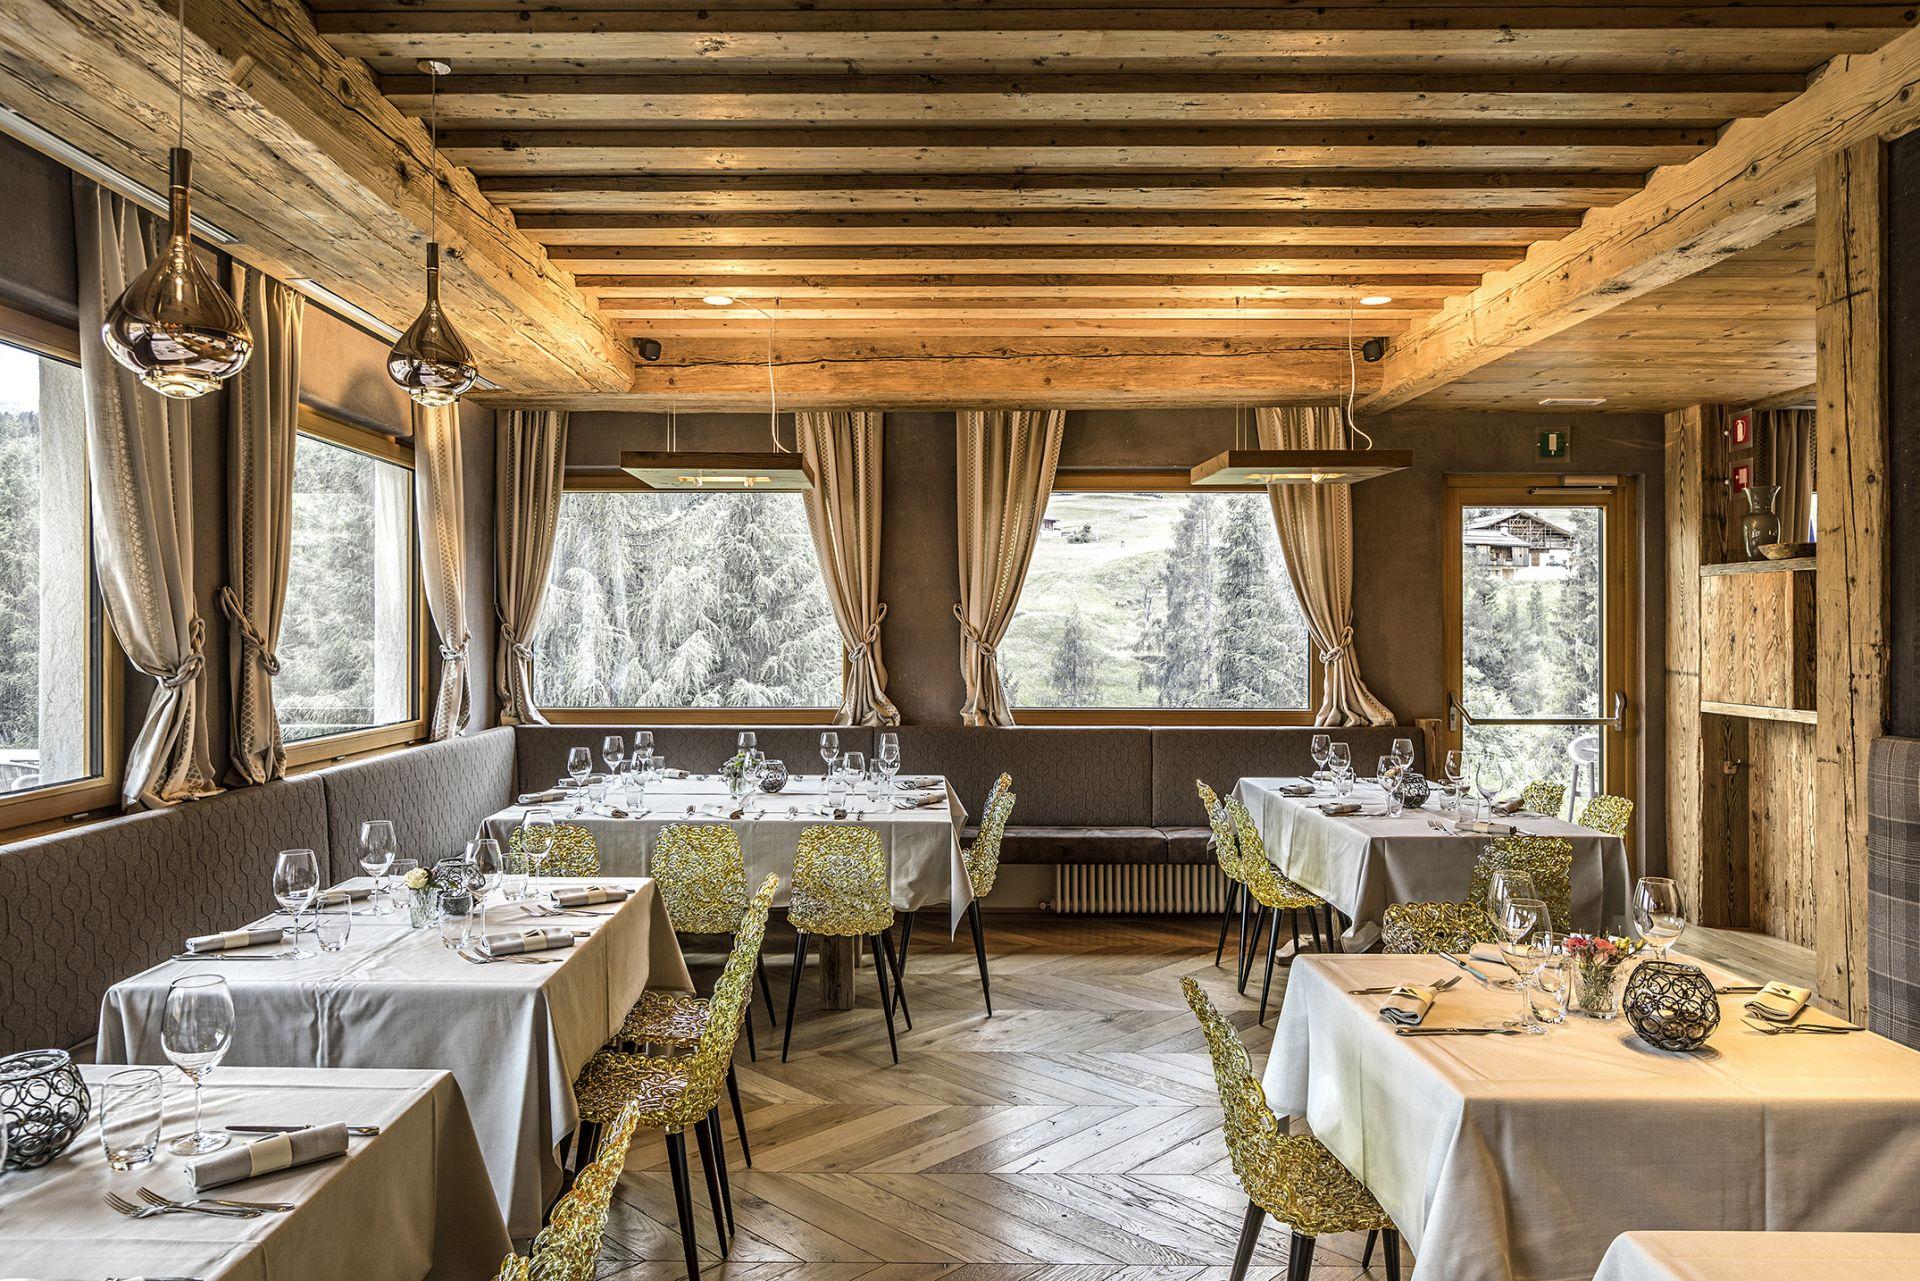 Hotel Lodge Alverà - image 2